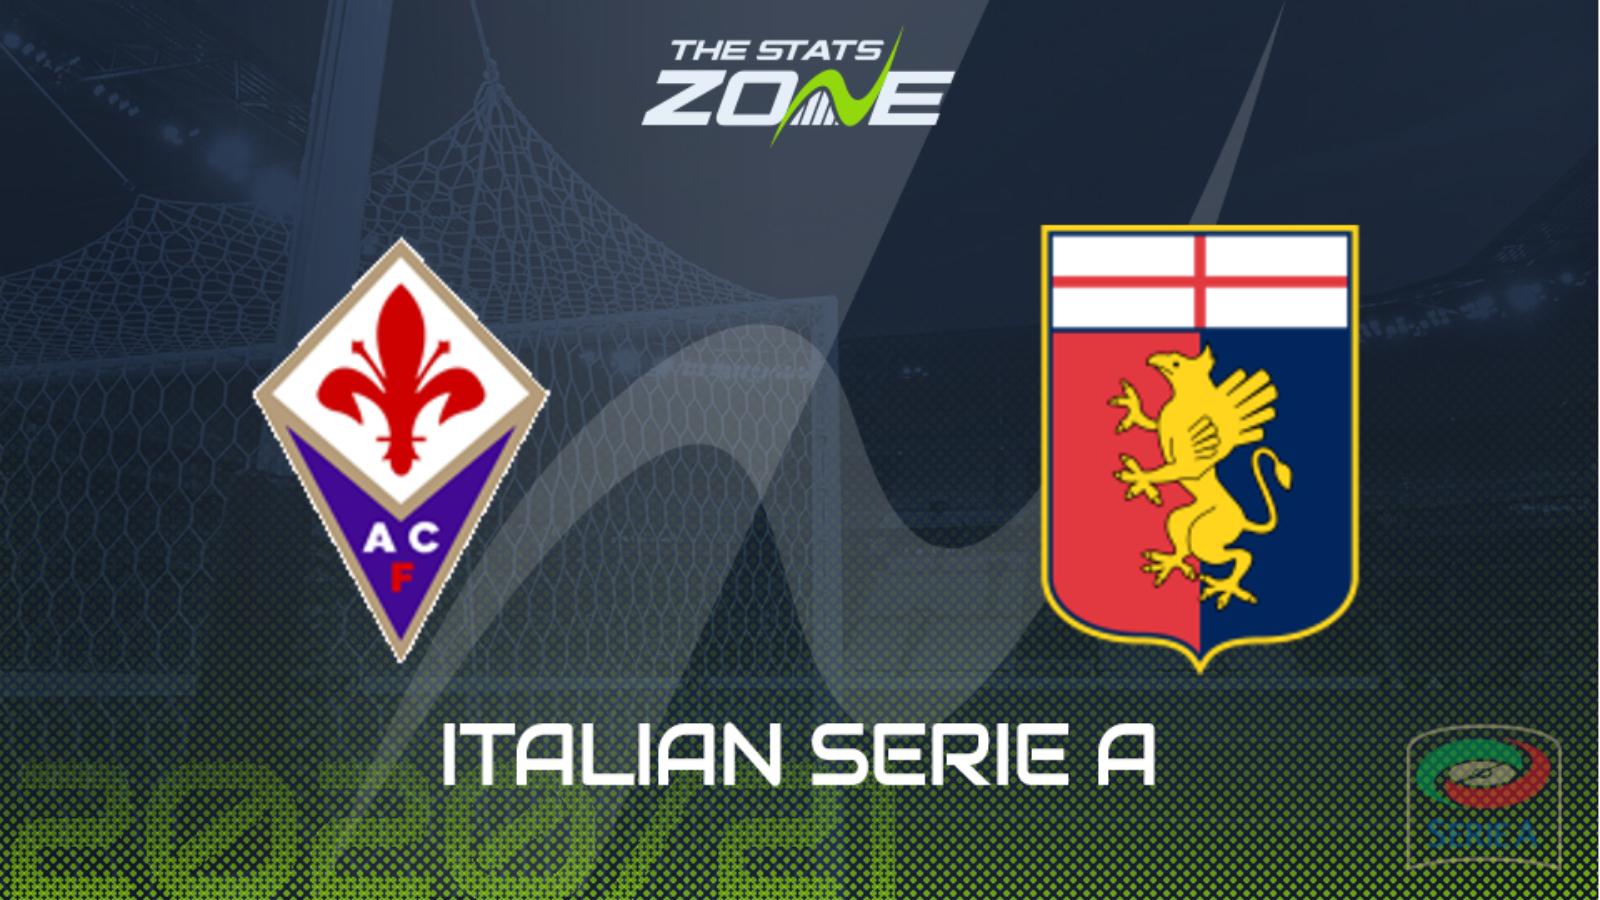 Genoa fiorentina betting previews big bets big wins on slot